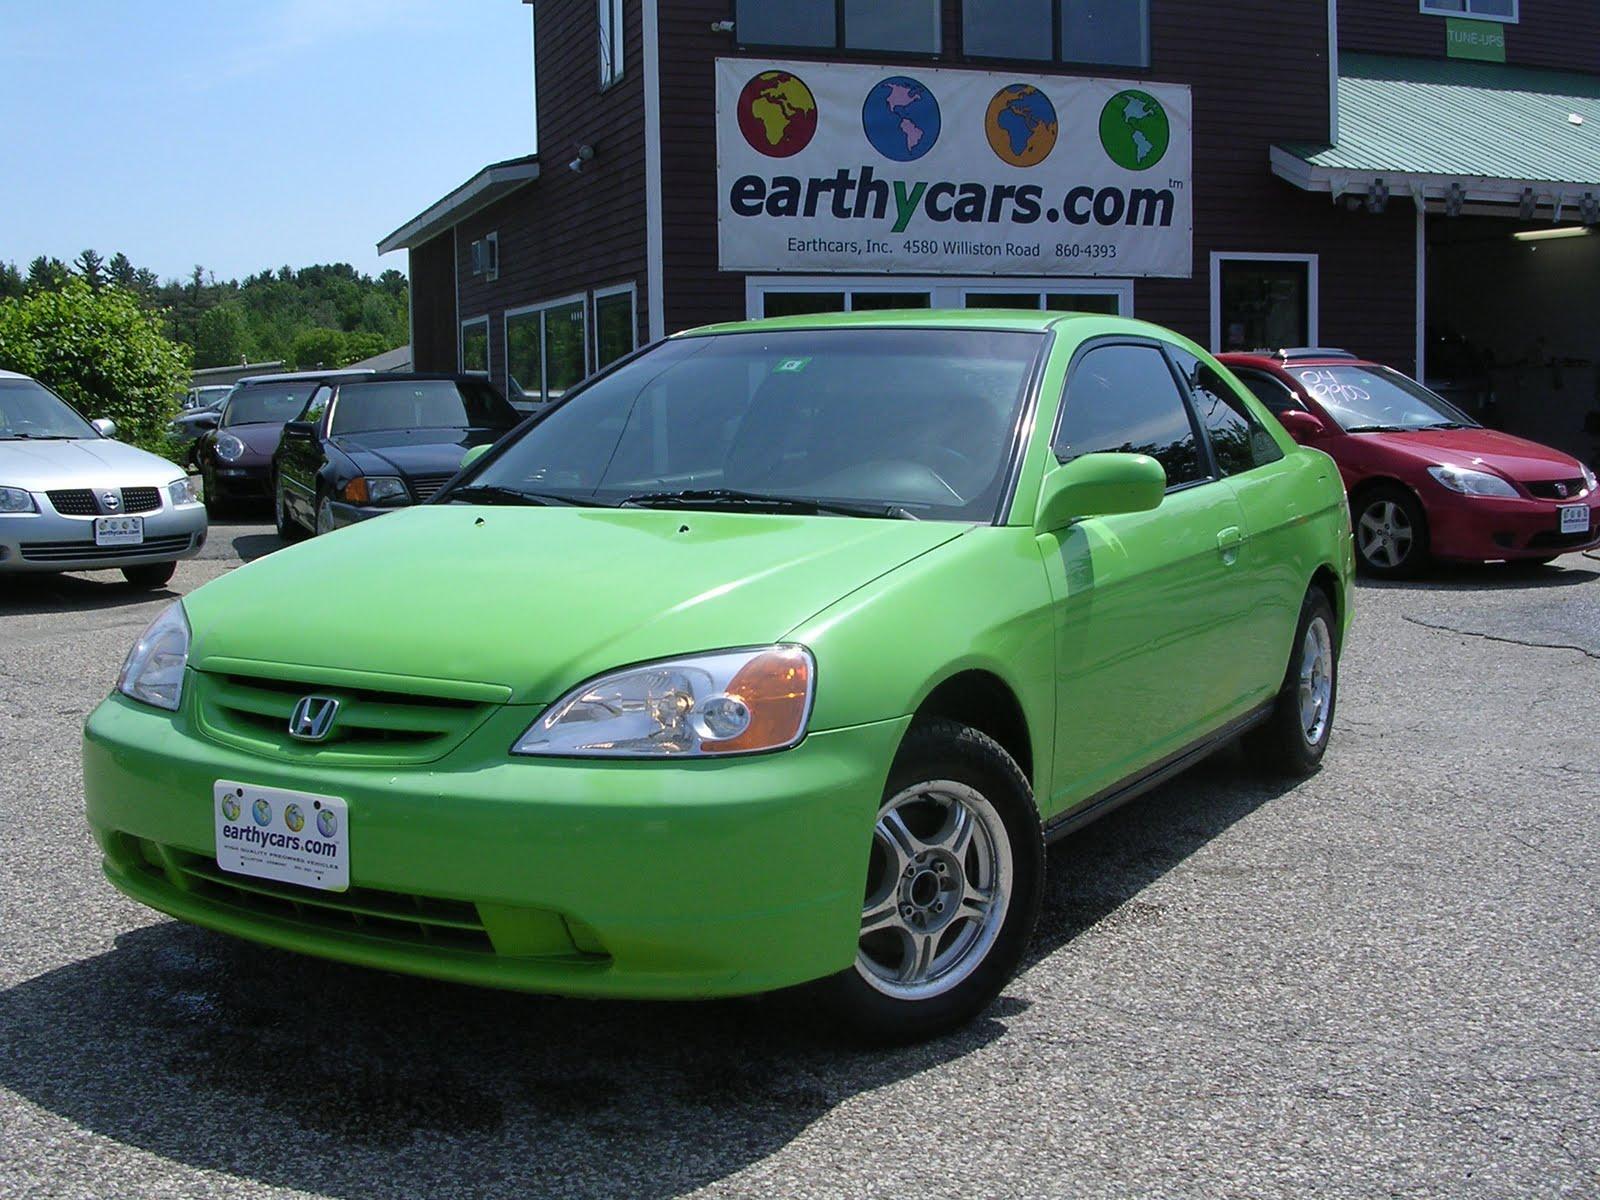 2003 Honda Civic LX, Sedan, Green, 121397 Mi, $5,900 Http://bit.ly/mOAJo3  Compact, 5 Spd Manual, MPG U003d 27/35